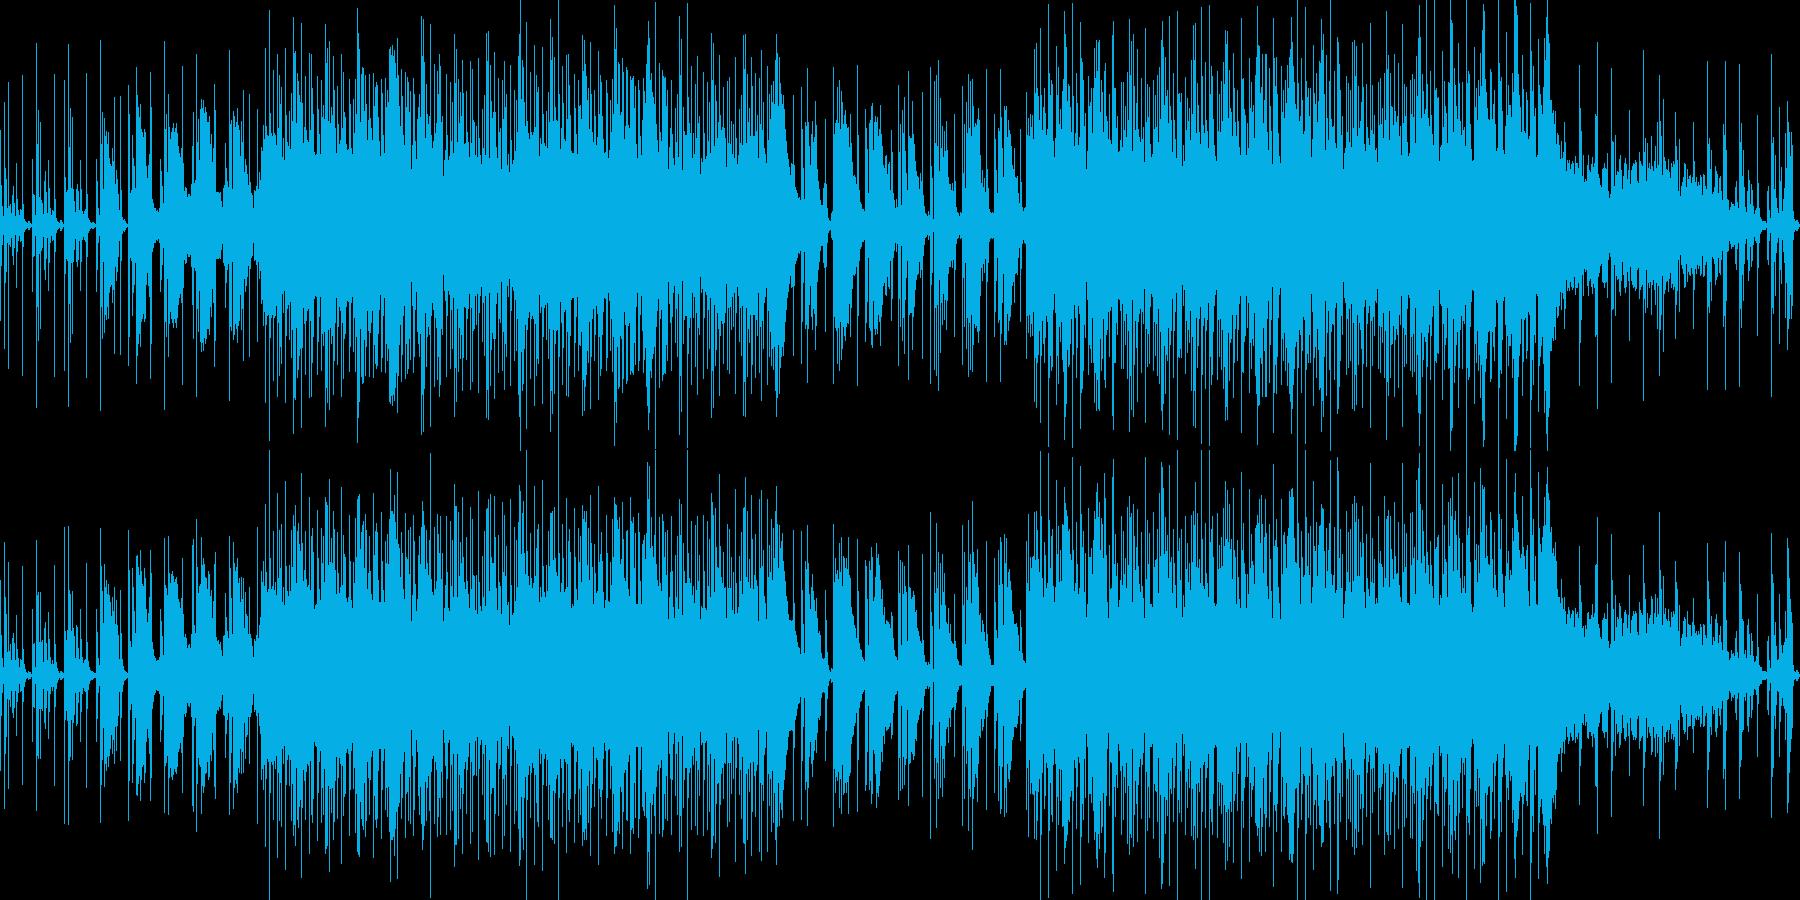 ハウス音楽で落ち着いた雰囲気のBGMの再生済みの波形